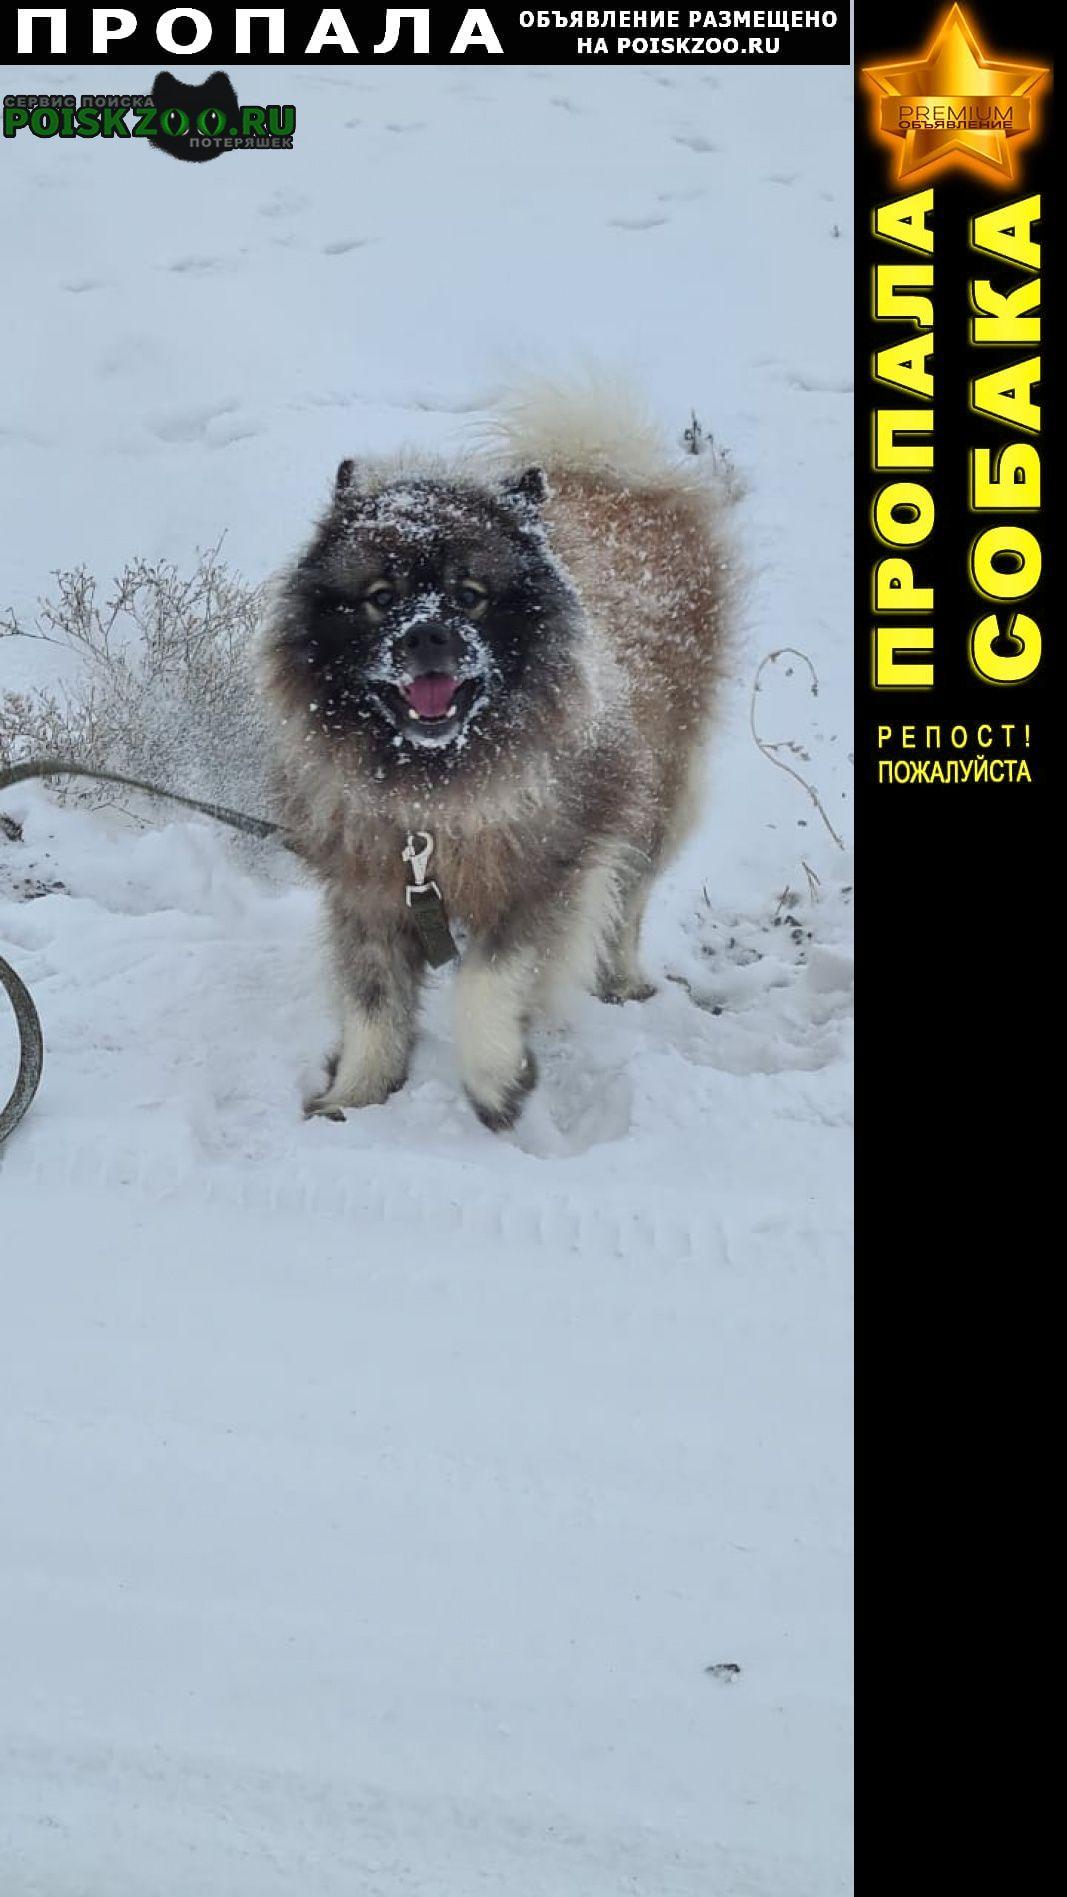 Пропала собака Новотроицк